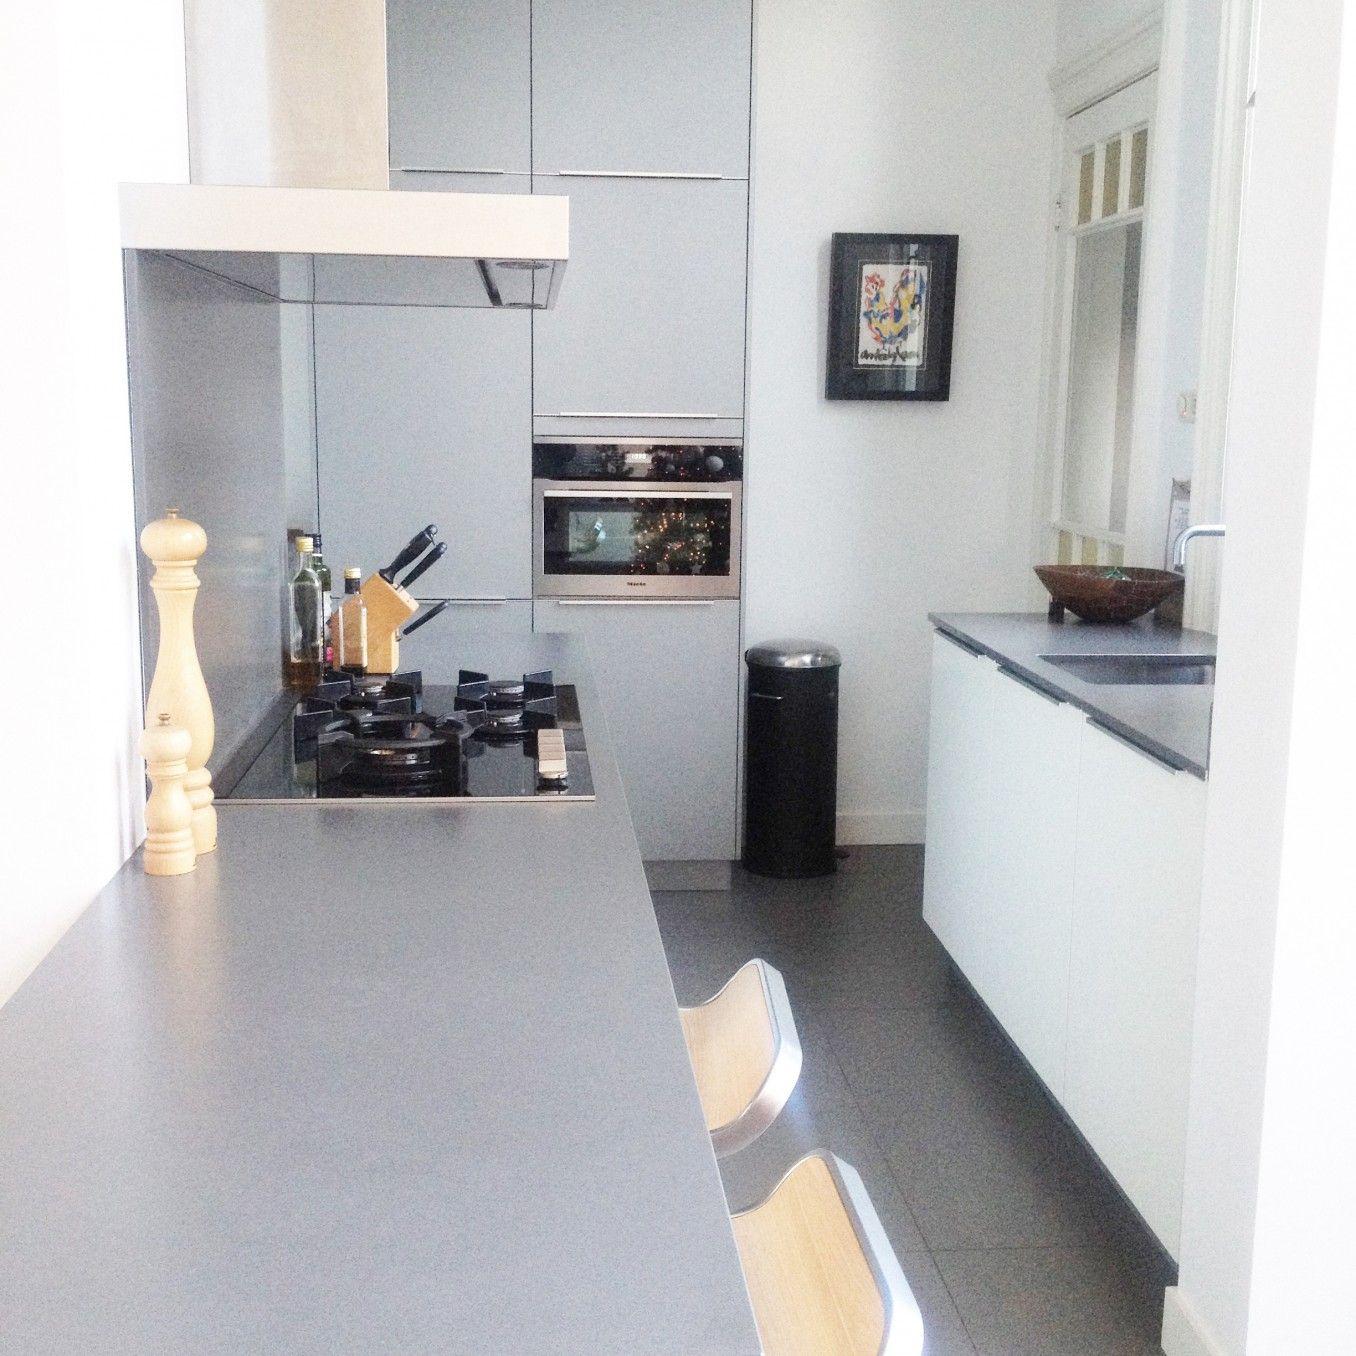 keuken - De keuken hebben we in juni 2014 verbouwd van een kleine ...